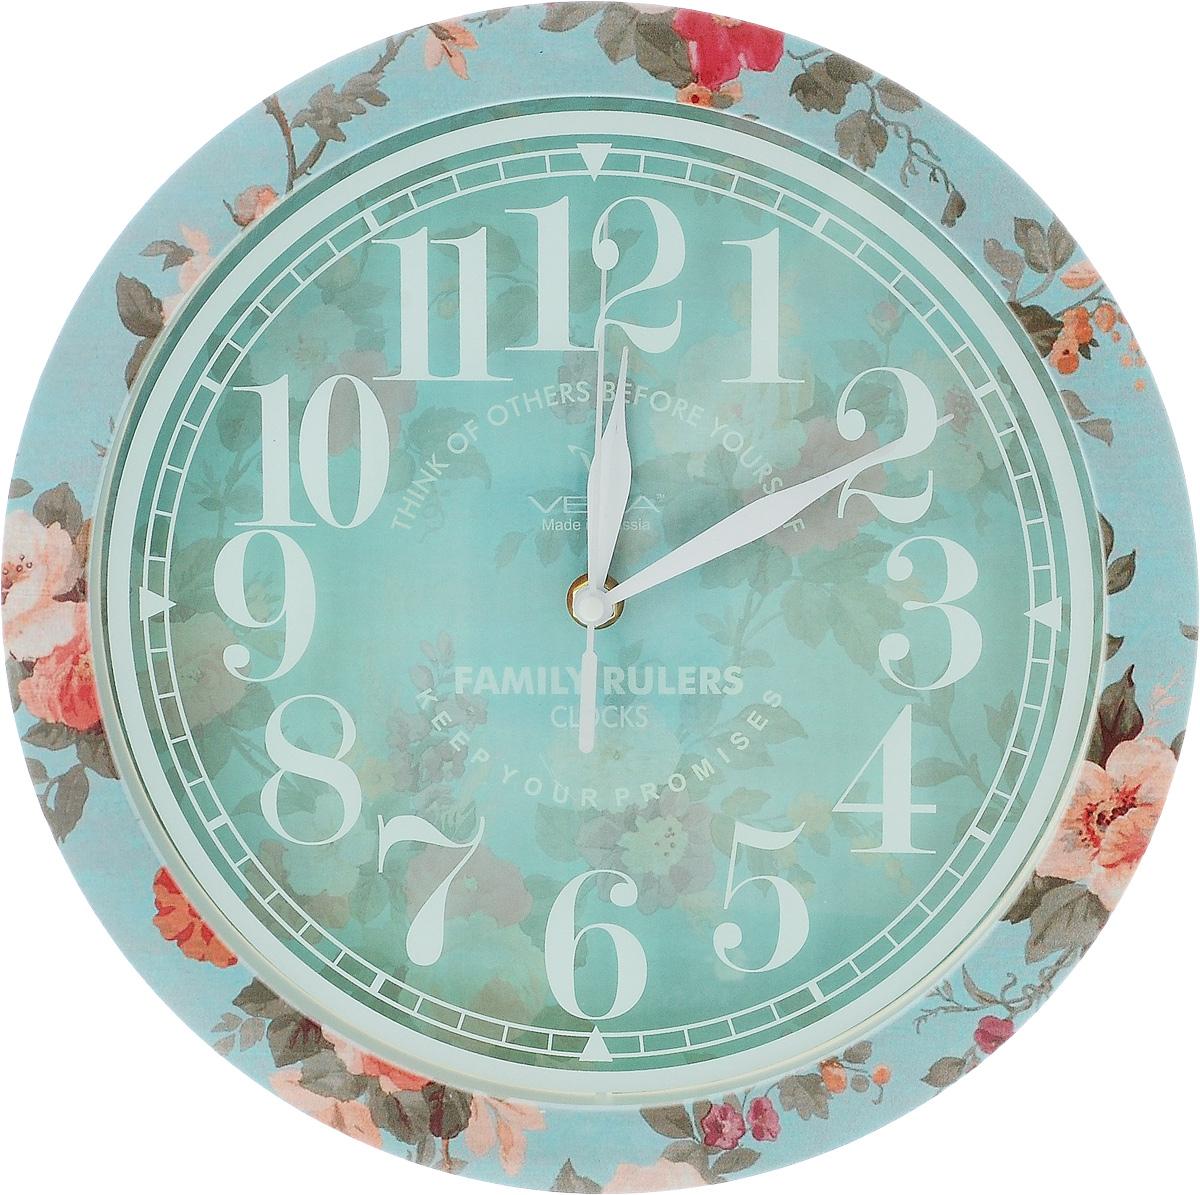 Часы настенные Вега Прованс, диаметр 28,5 смП1-239/7-239Настенные кварцевые часы Вега Прованс,изготовленные из пластика, прекрасно впишутся винтерьер вашего дома. Часы имеют три стрелки: часовую,минутную и секундную, циферблат защищен прозрачнымстеклом.Часы работают от 1 батарейки типа АА напряжением 1,5 В(не входит в комплект). Прилагается инструкция по эксплуатации.